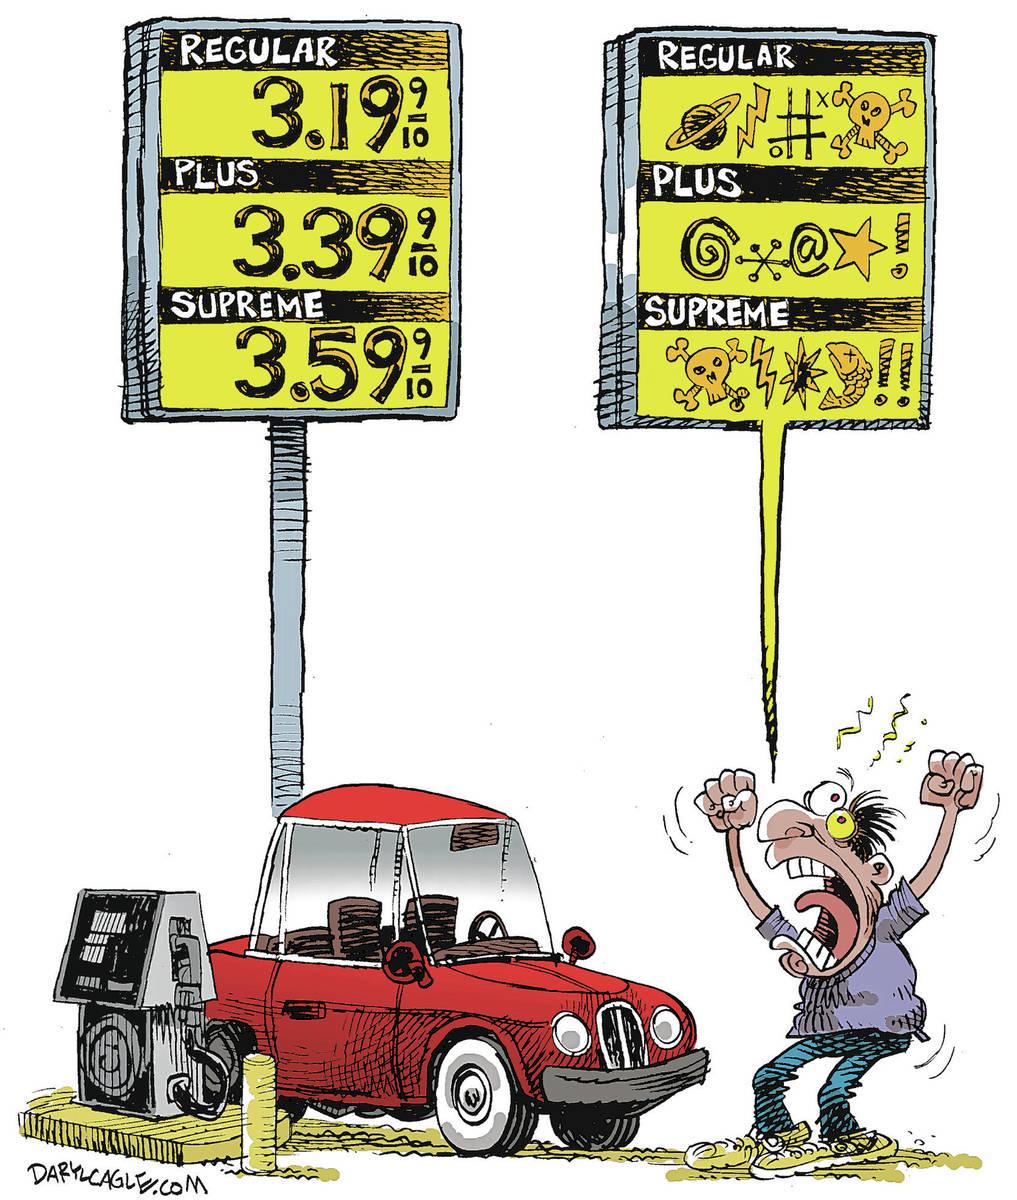 Daryl Cagle CagleCartoons.com